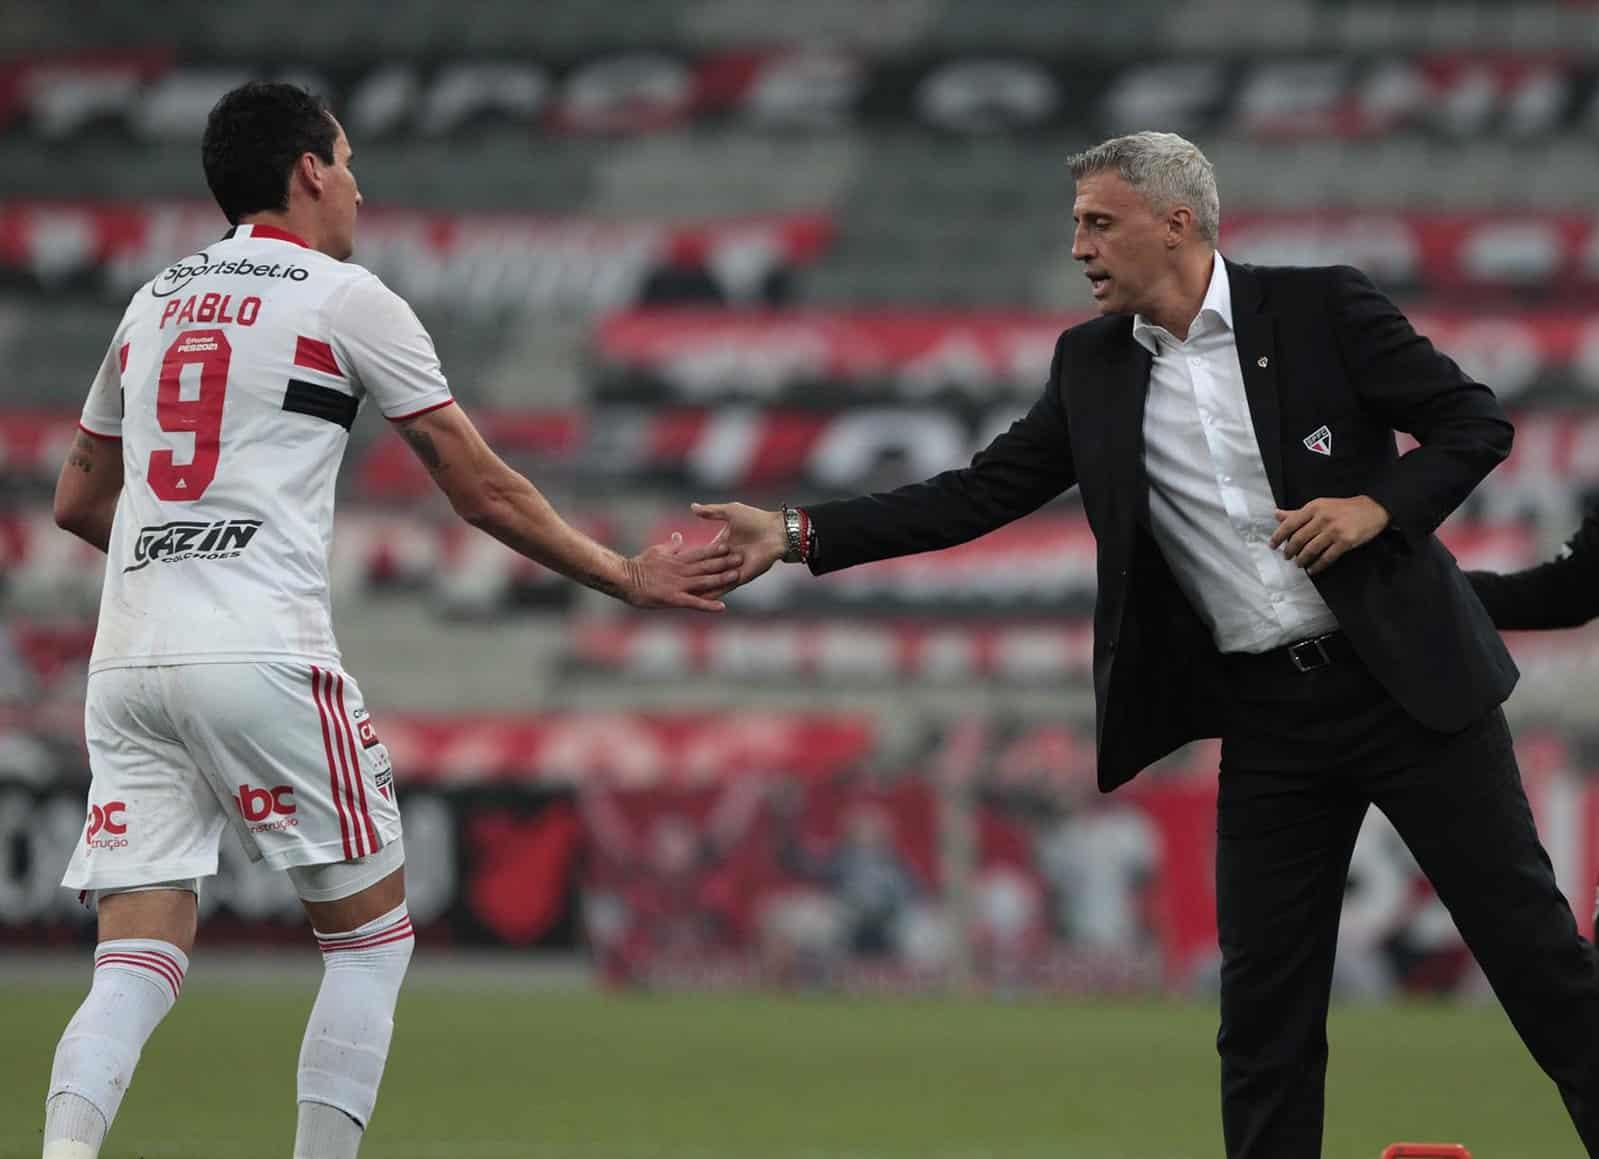 Titular do São Paulo, diante do Athletico-PR, no último sábado (7), o centroavante Pablo marcou os dois gols da vitória tricolor